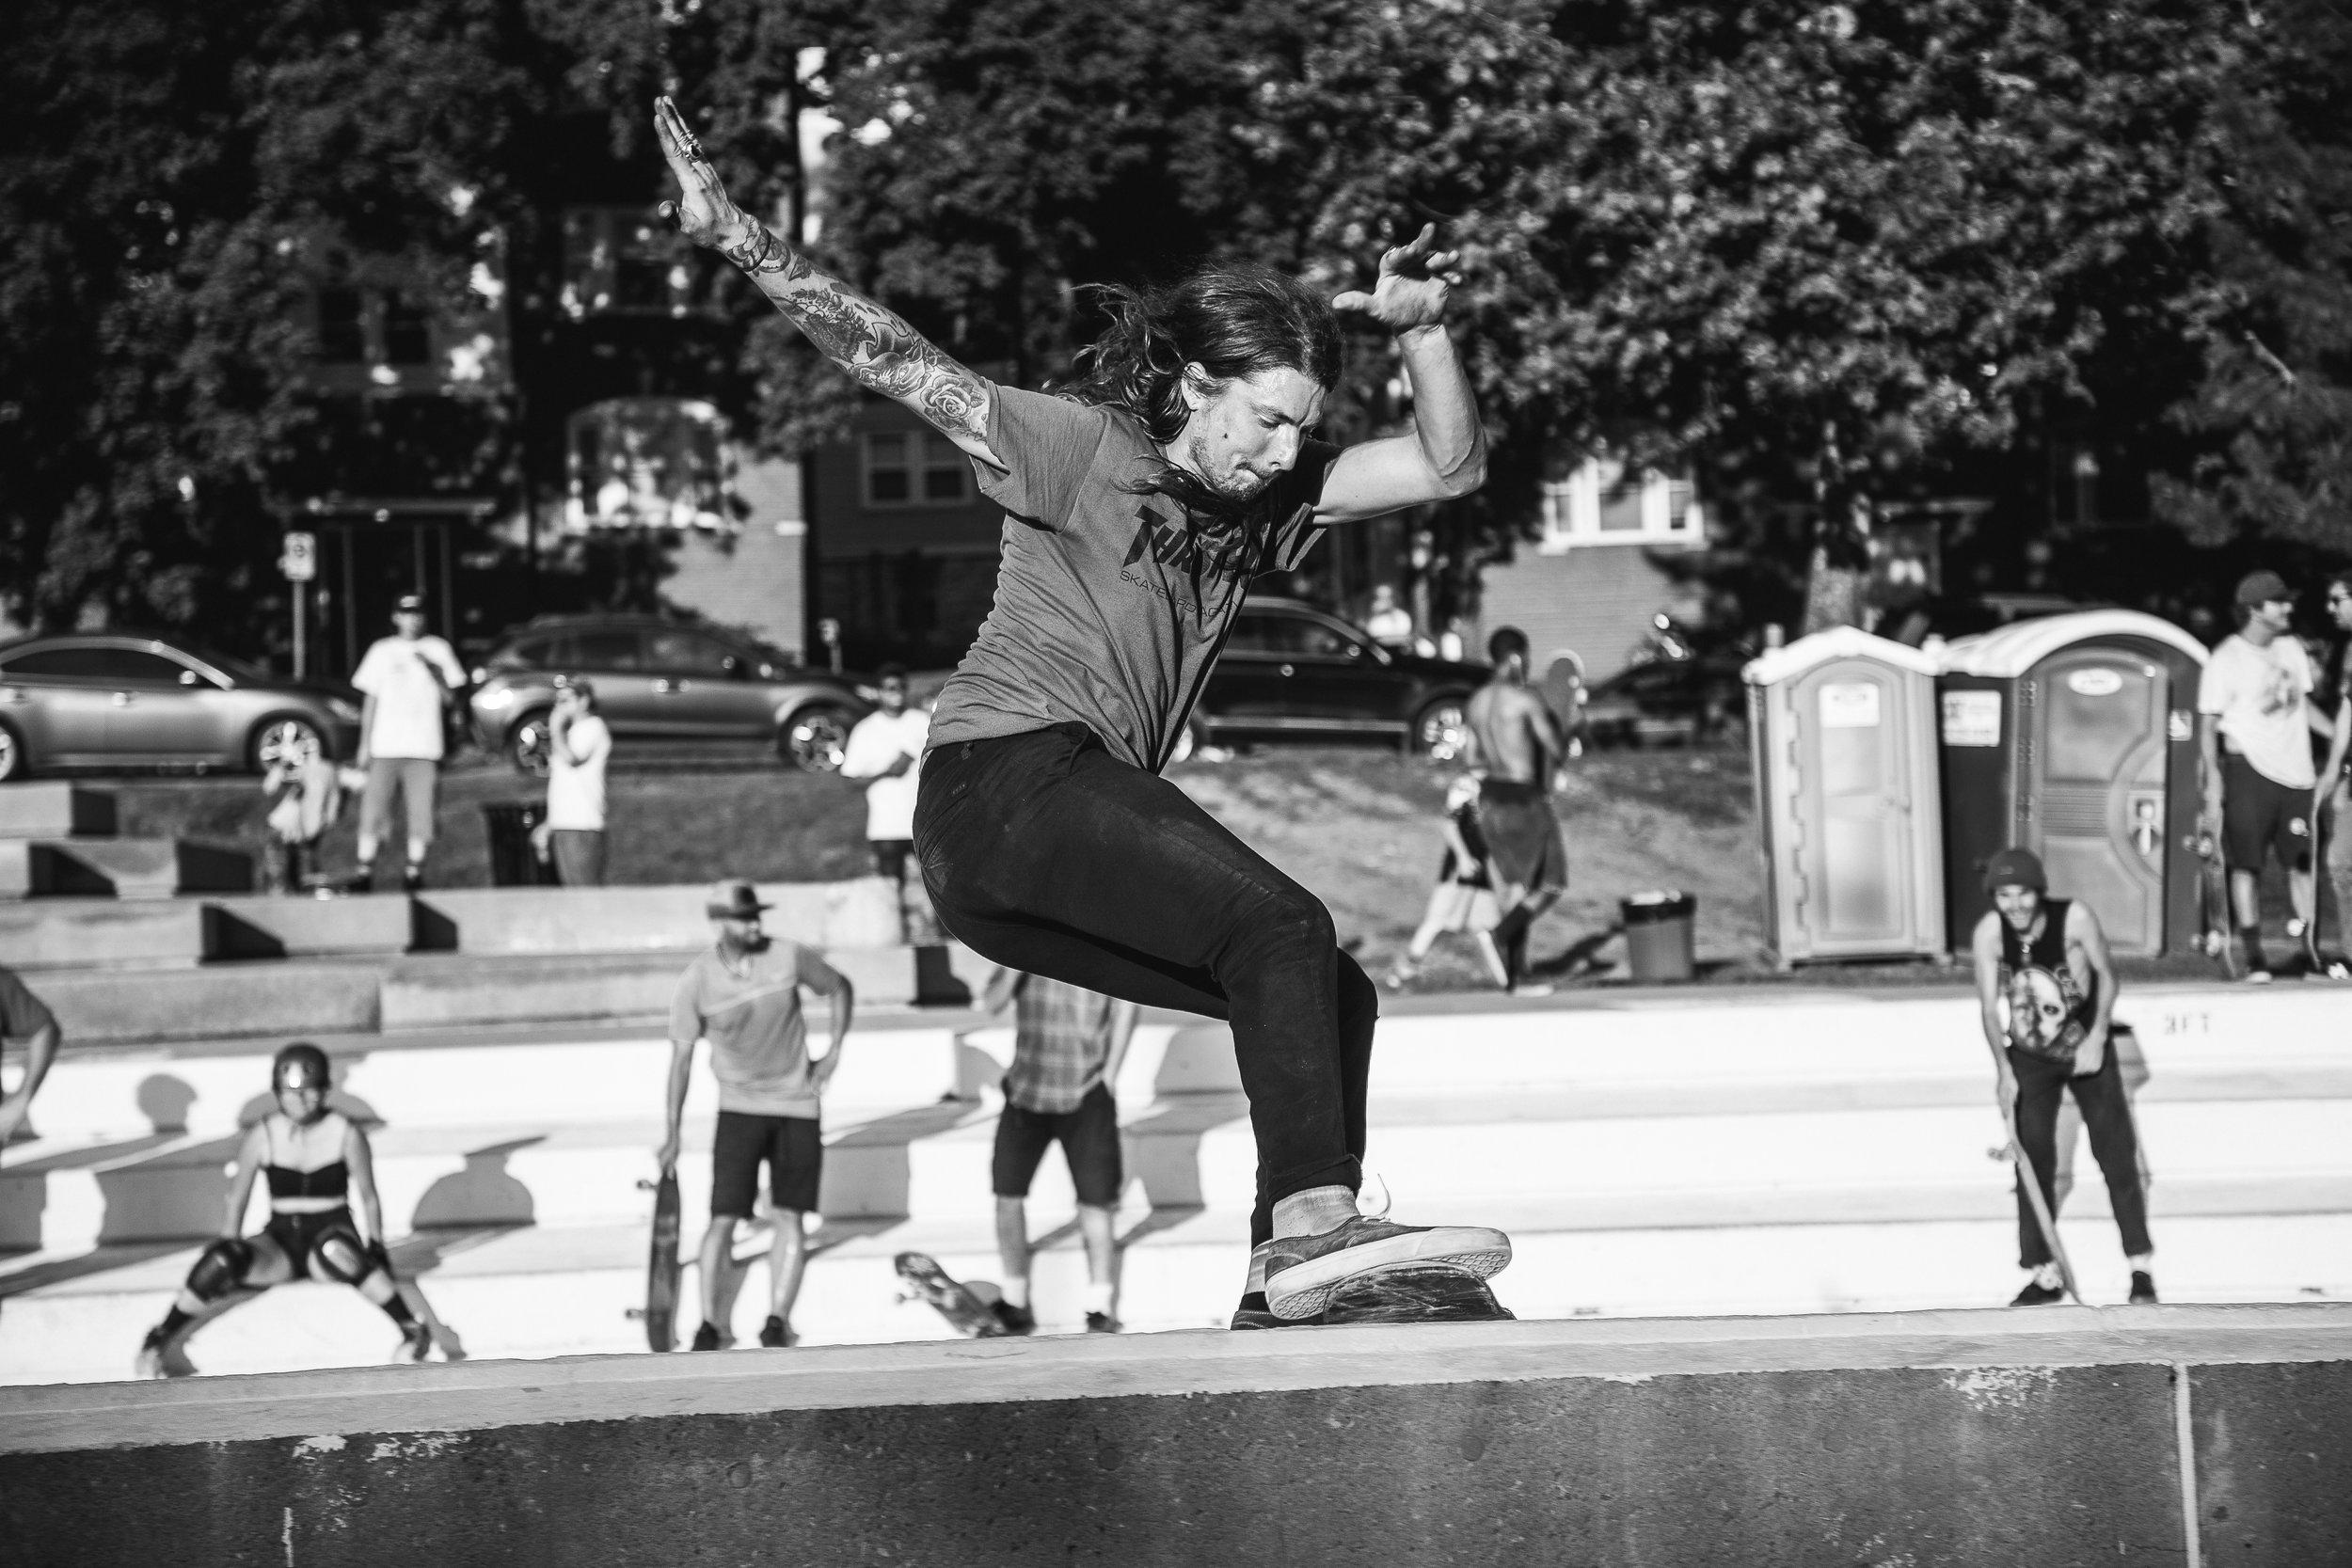 Go Skateboarding Day - June '17 - 24.jpg